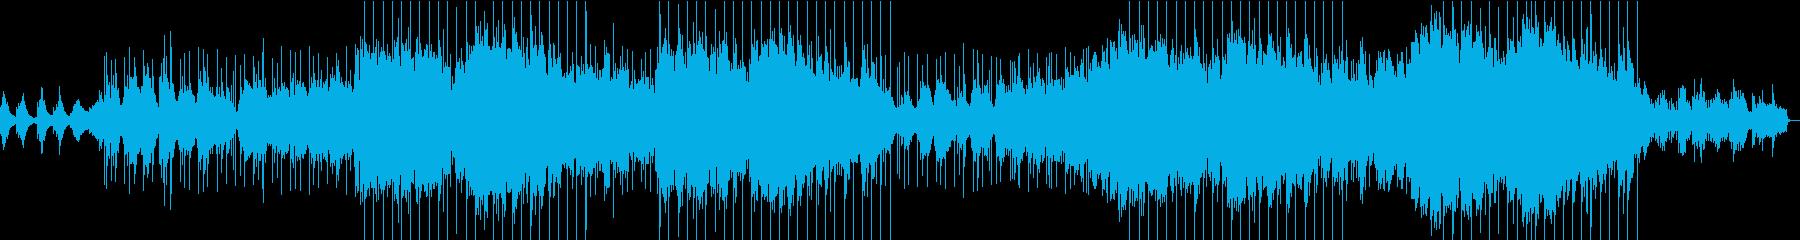 イタリアのメロディーロマンスの遅い...の再生済みの波形